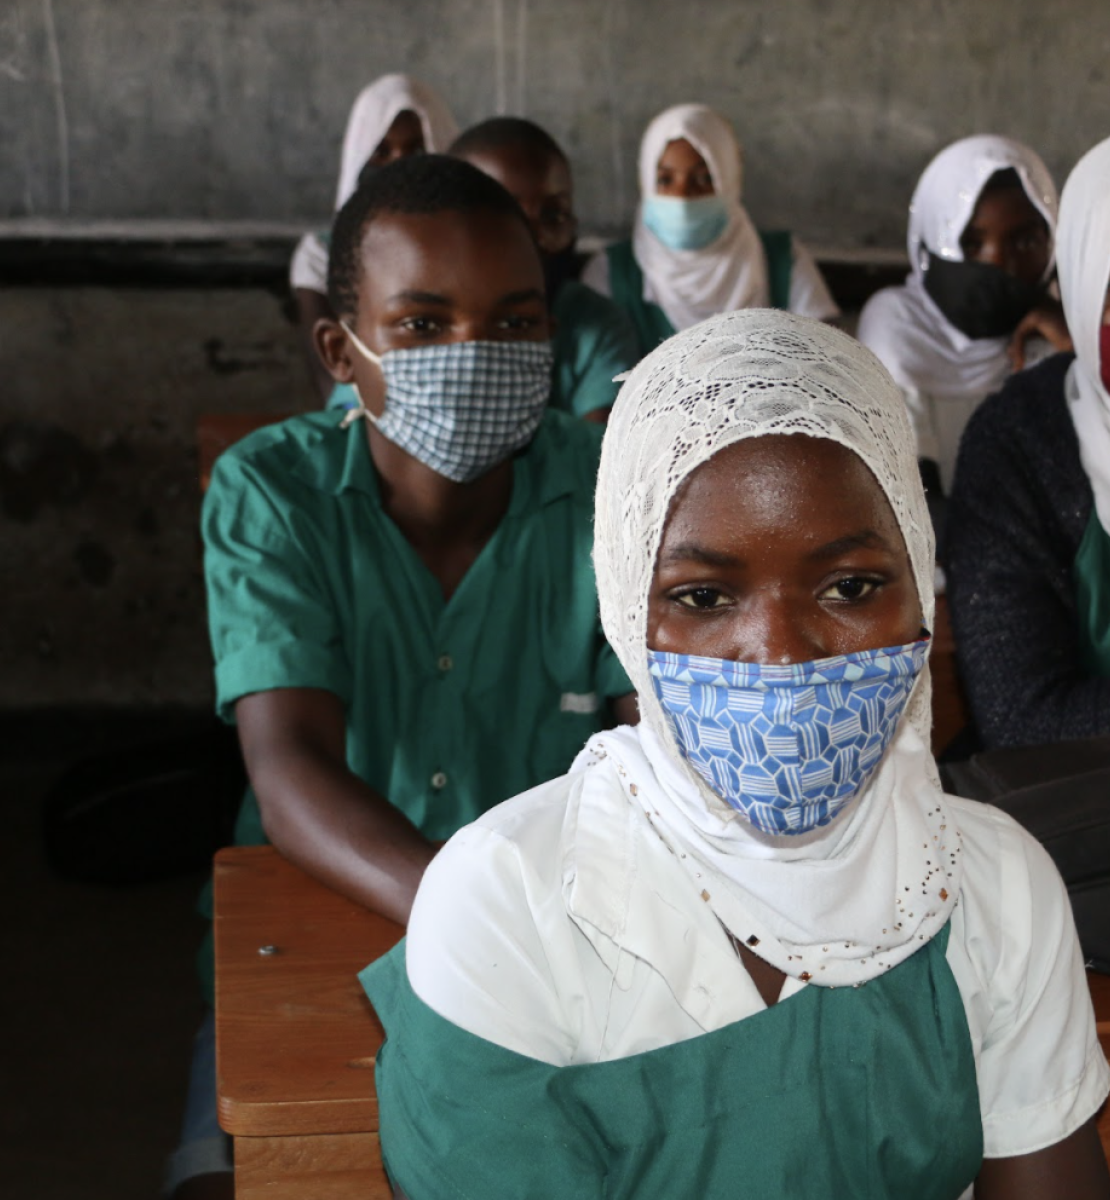 De jeunes élèves portant des uniformes scolaires et des masques de protection sont assis dans une salle de classe et regardent en direction du tableau.